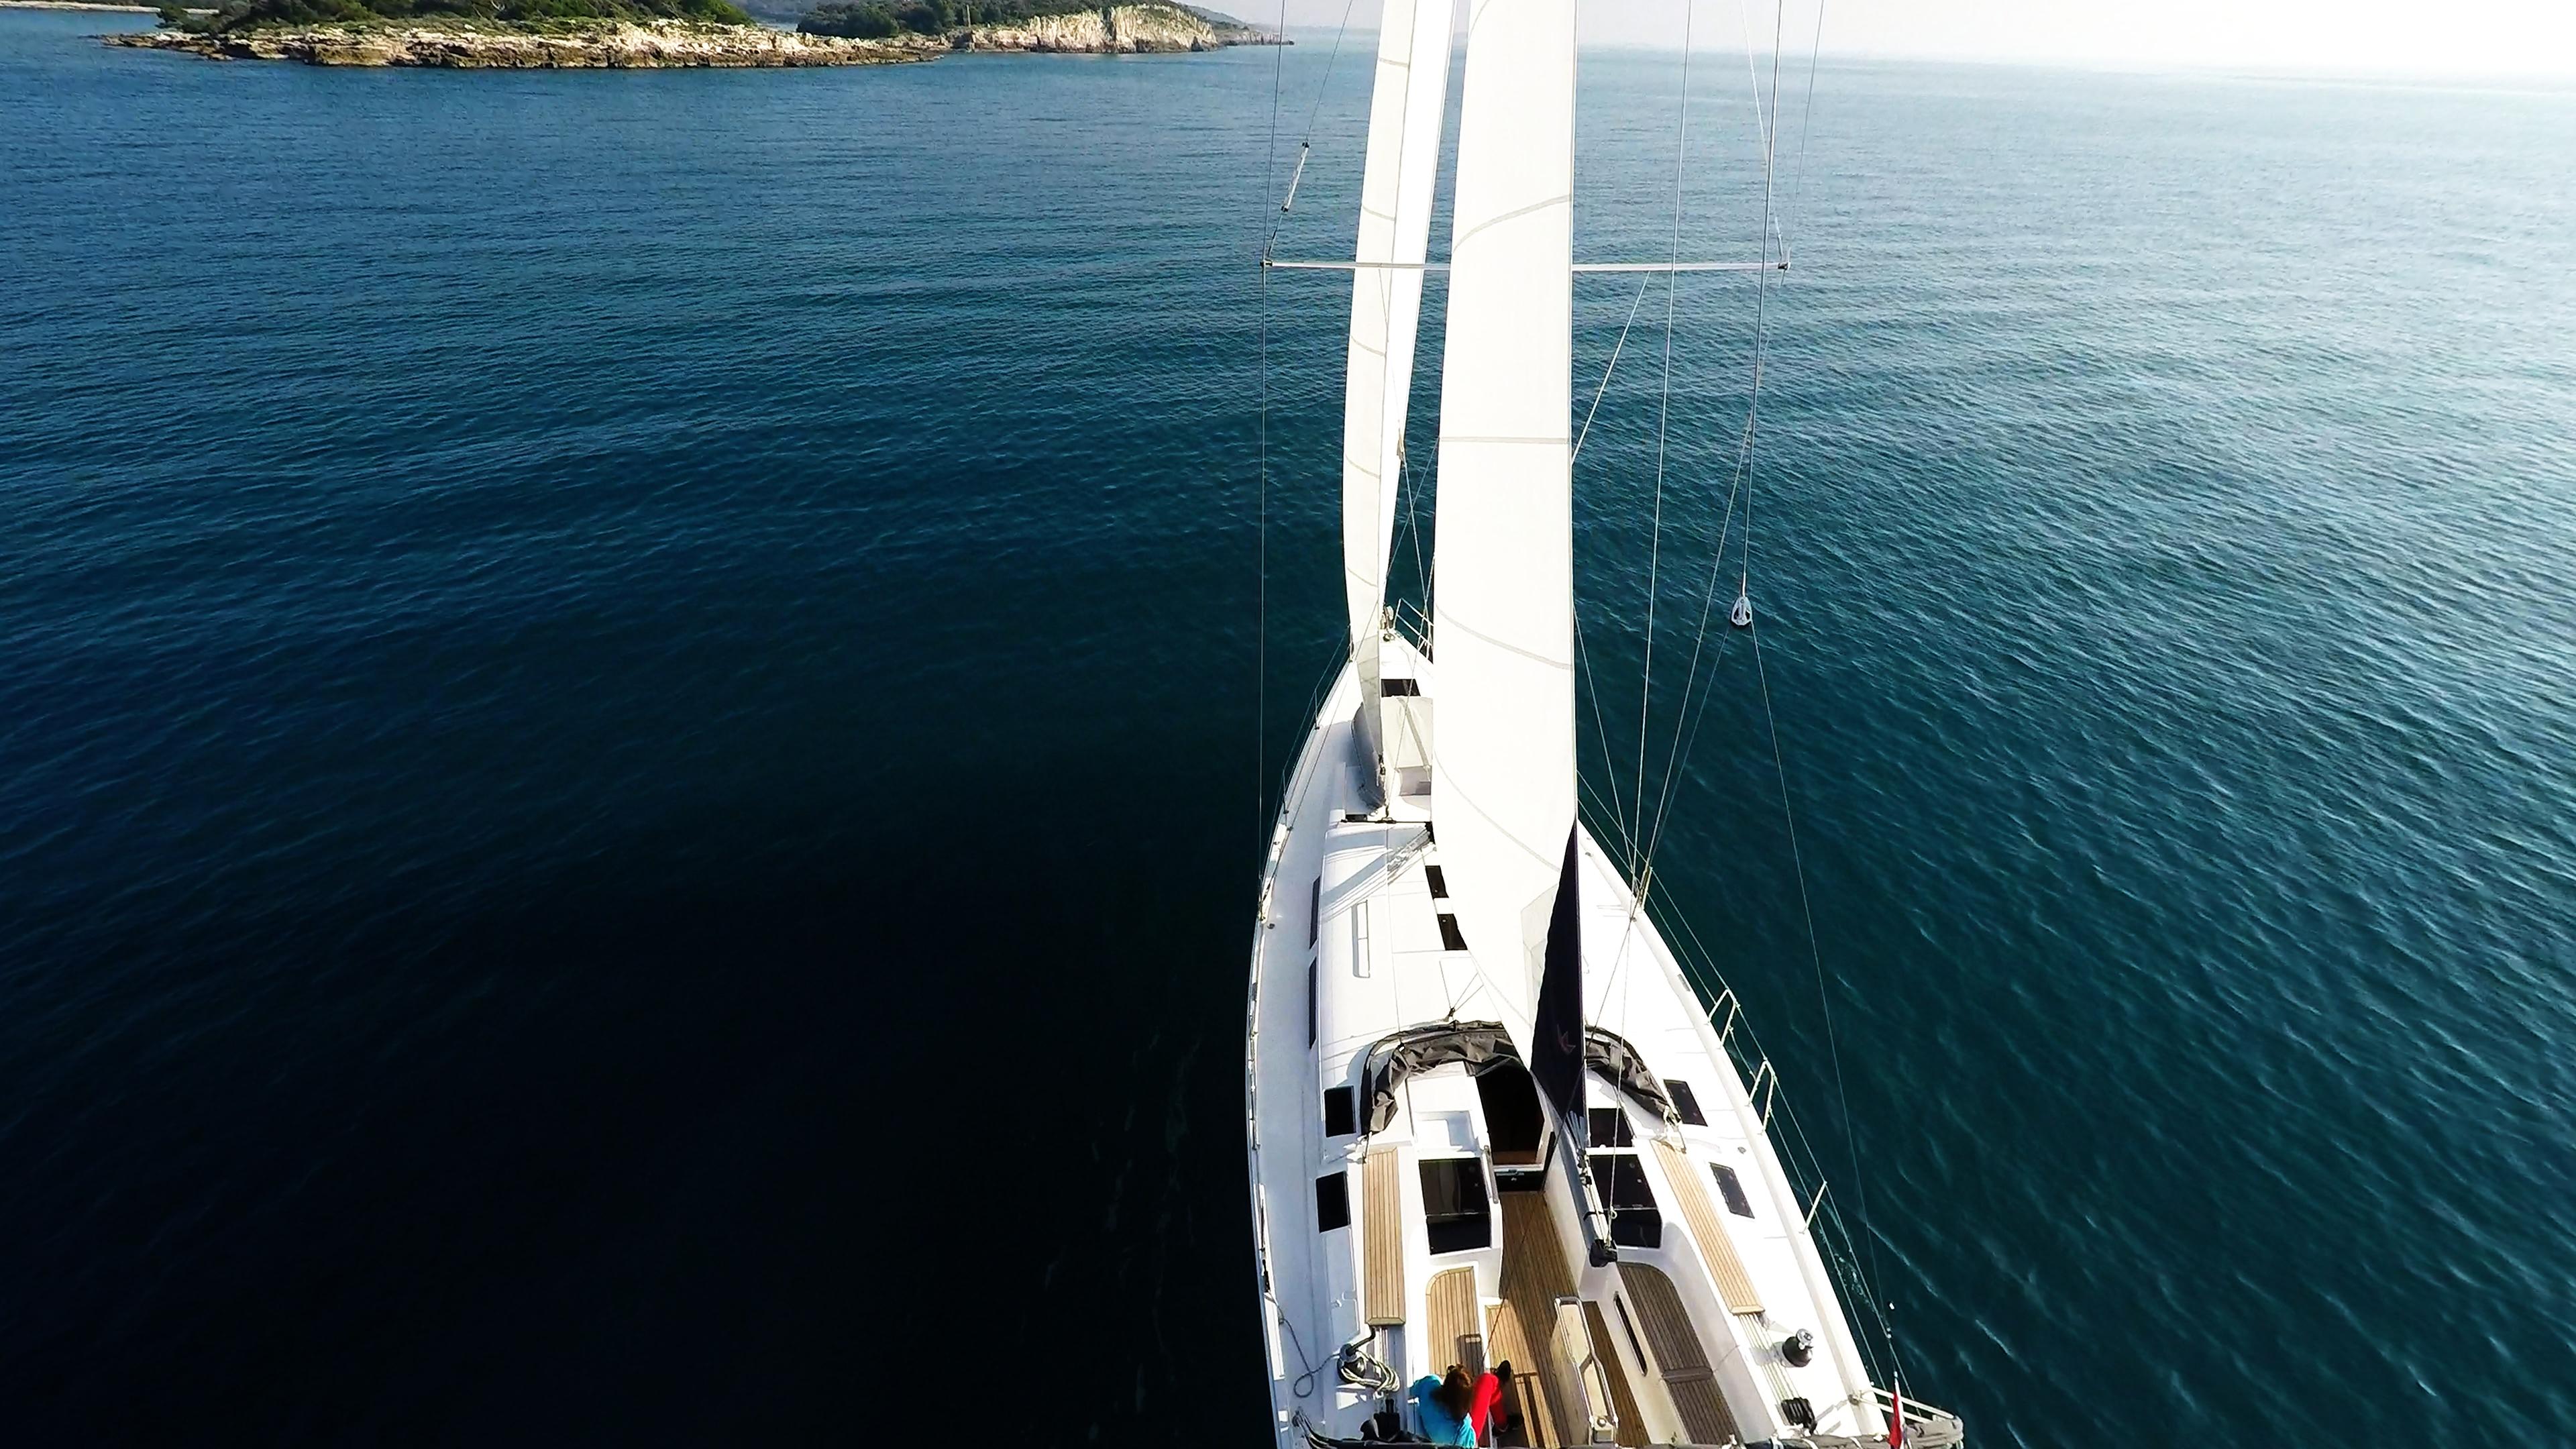 barcha a vela yacht a vela verso mare blu isola barca a vela